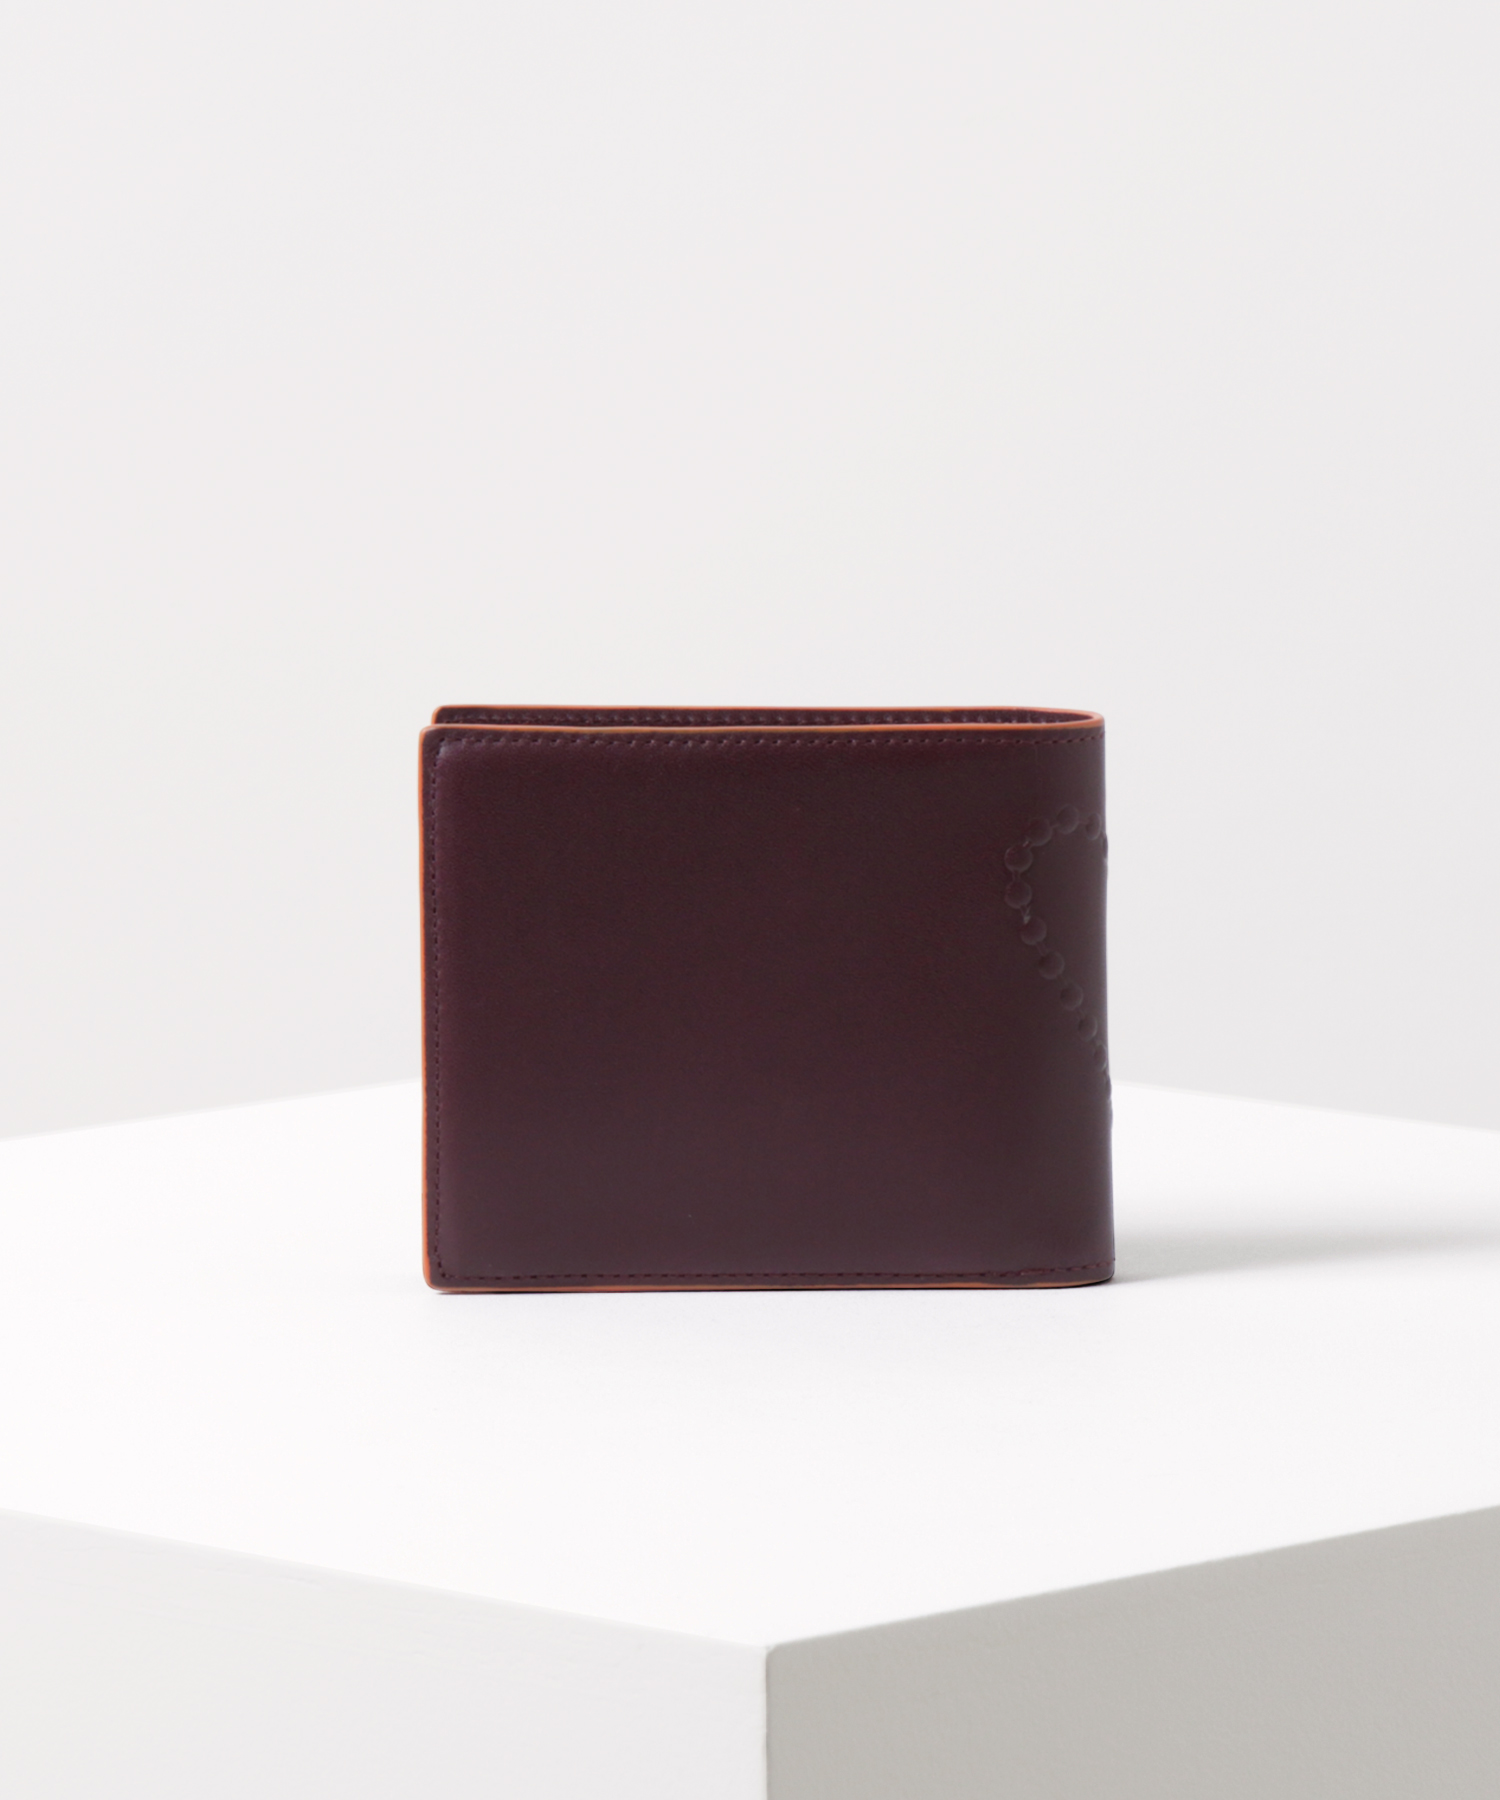 ドッグタグ 二つ折り財布